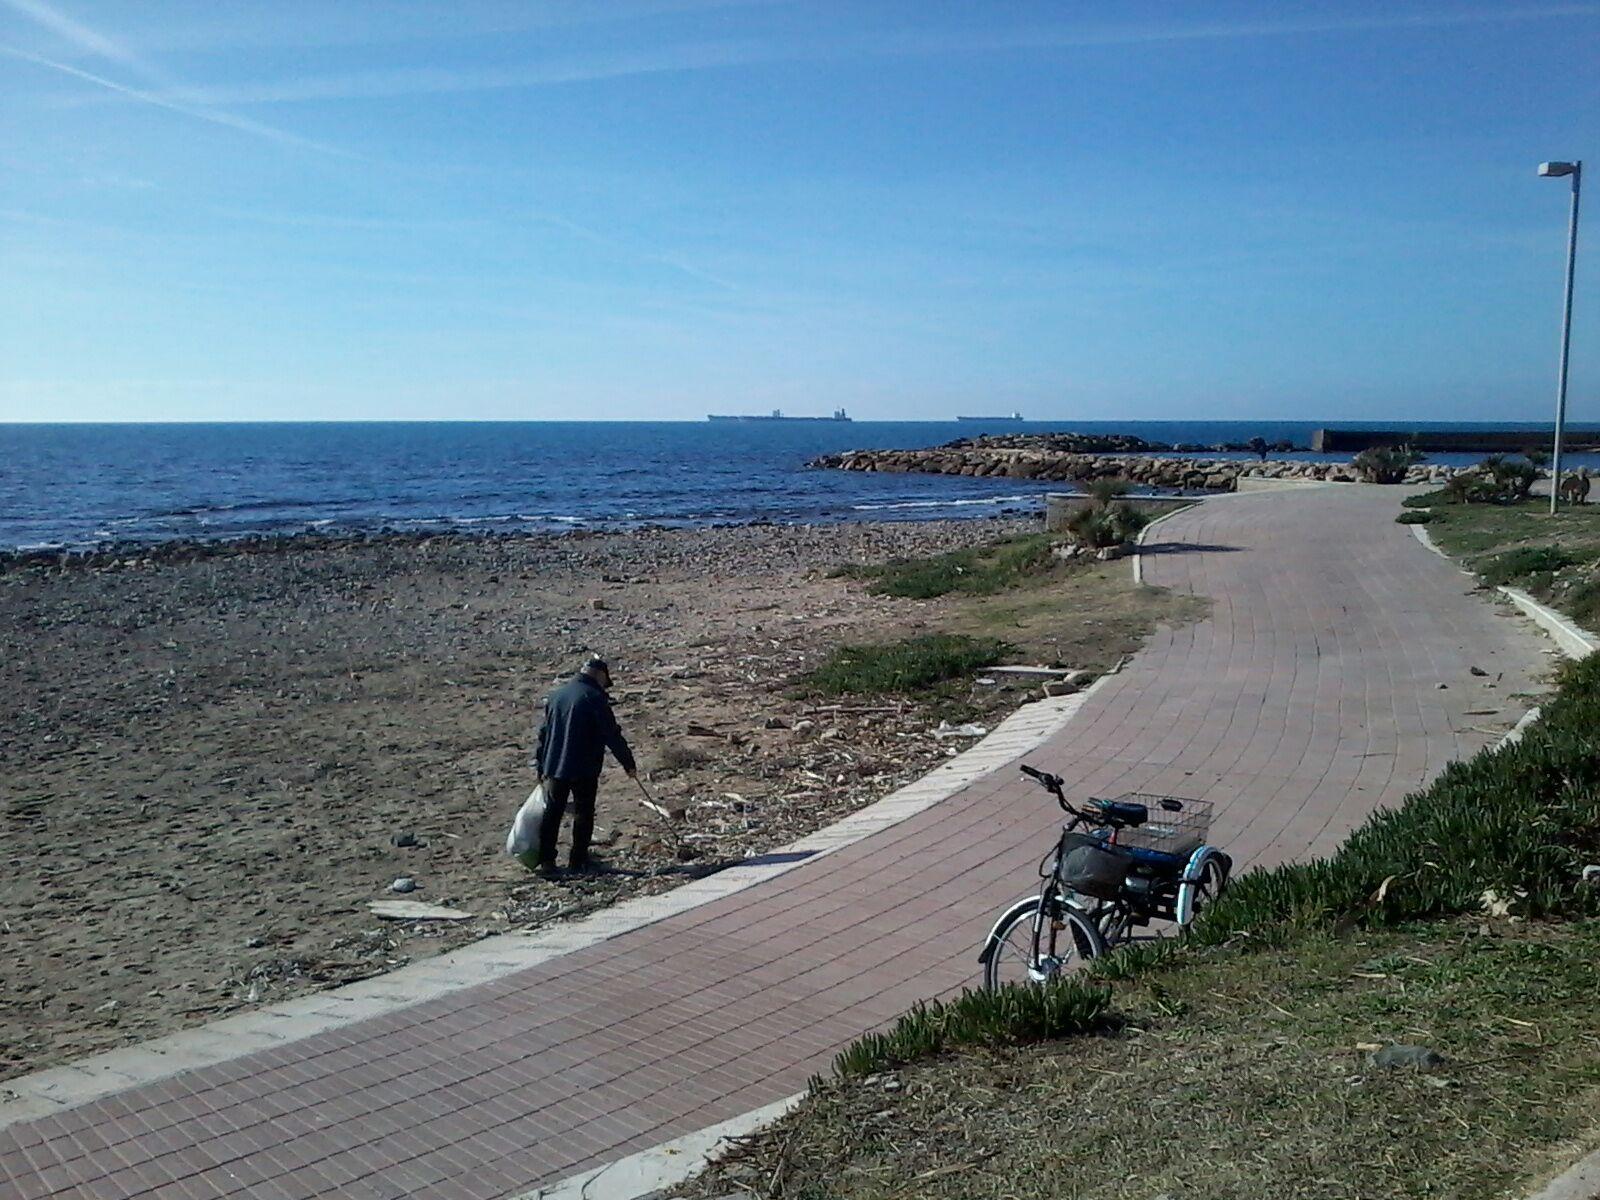 Il signore che raccoglie la sporcizia nella spiaggia della Marina di Civitavecchia simbolo dell'insuccesso politico